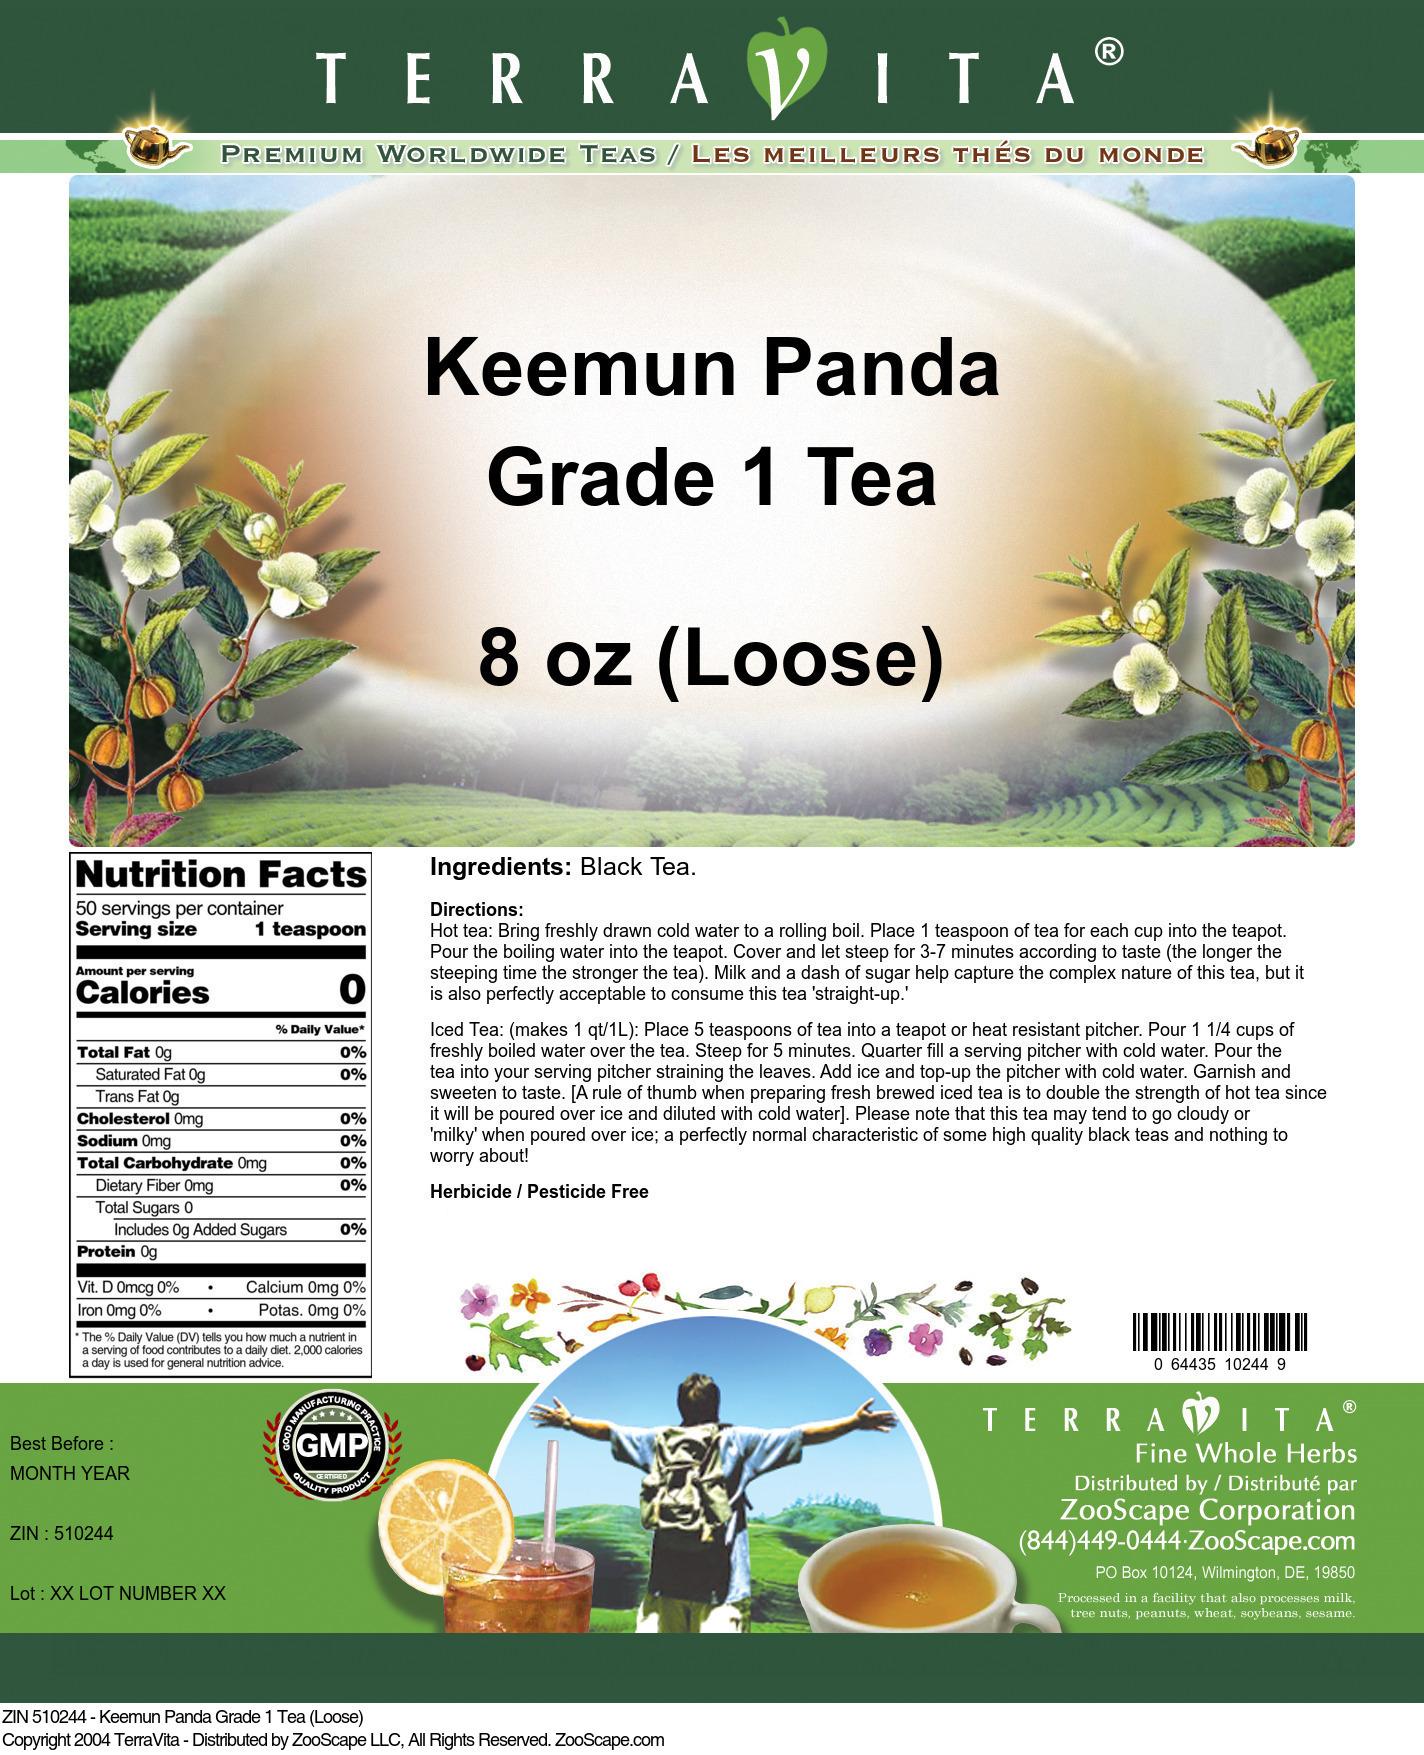 Keemun Panda Grade 1